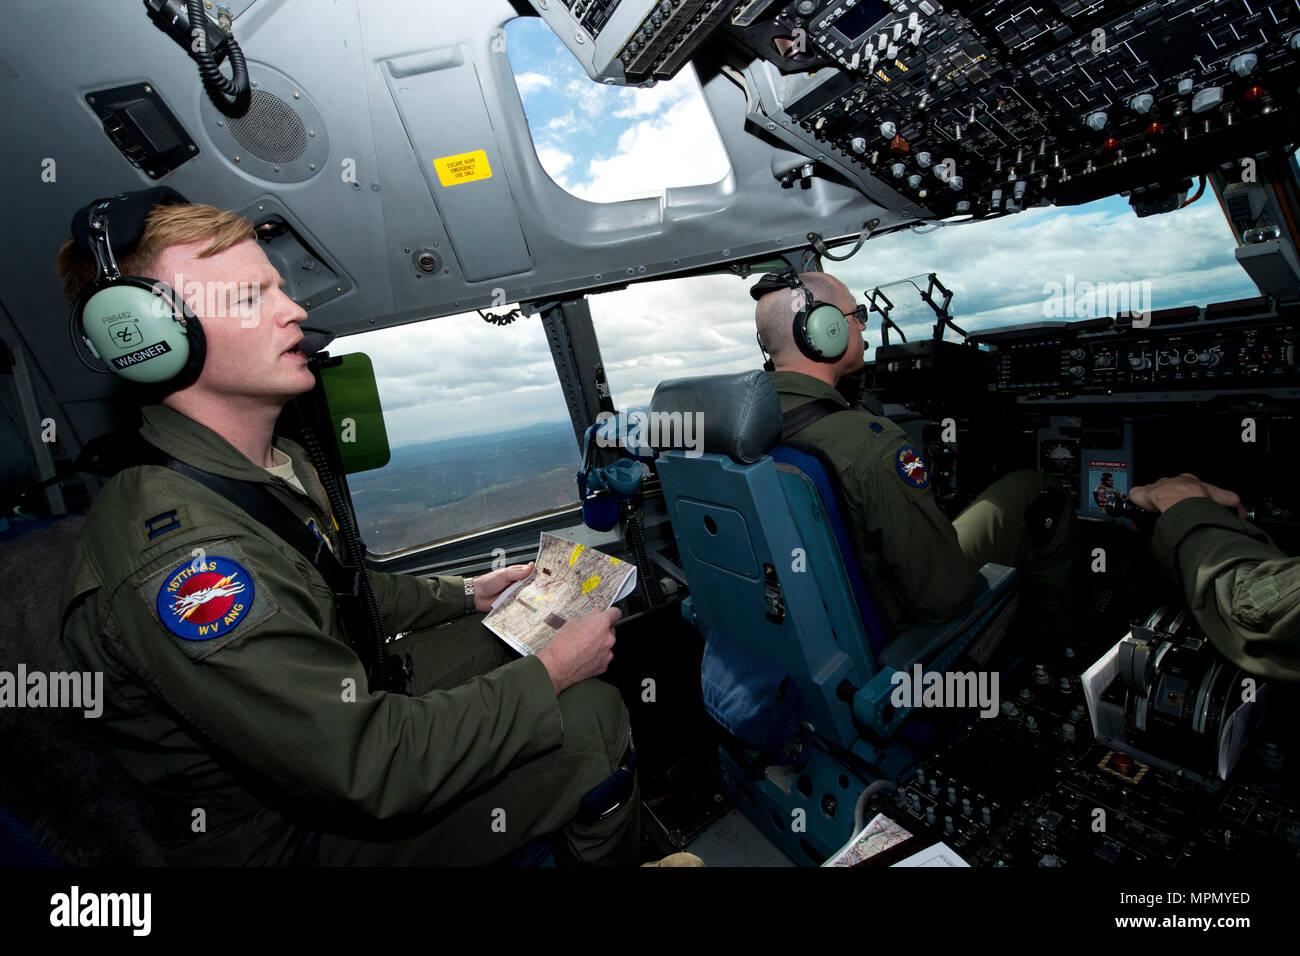 Il cap. Kyle Wagner, sinistra, un progetto pilota per il 167° Ala Airlfit, effettua chiamate visual i punti di riferimento durante un basso livello di formazione sortie su un C-17 Globemaster III aeromobili, 4 aprile. Lt. Col. Giuseppe O'Rourke, destra, active duty advisor per il pilota 167° Airlift Squadron, istruzioni fornite durante il corso di formazione che di volo incluso touch-e-go e antenna pratica di rifornimento. (U.S. Air National Guard foto di Senior Master Sgt. Emily Beightol-Deyerle) Immagini Stock